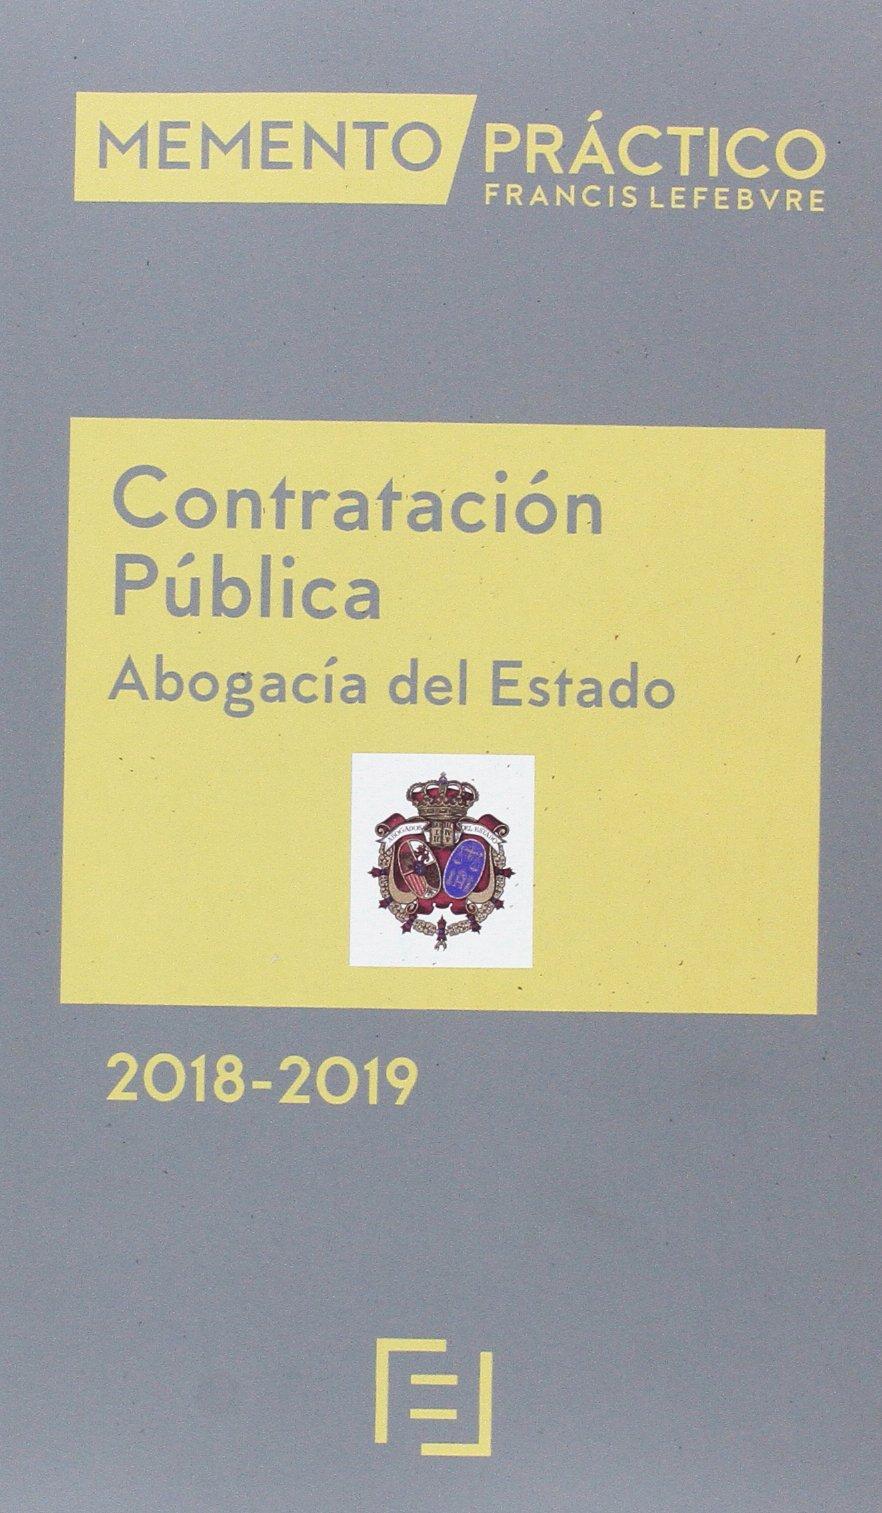 Memento Contratación Pública Abogacía del Estado 2018-2019: Amazon.es: Lefebvre-El Derecho: Libros